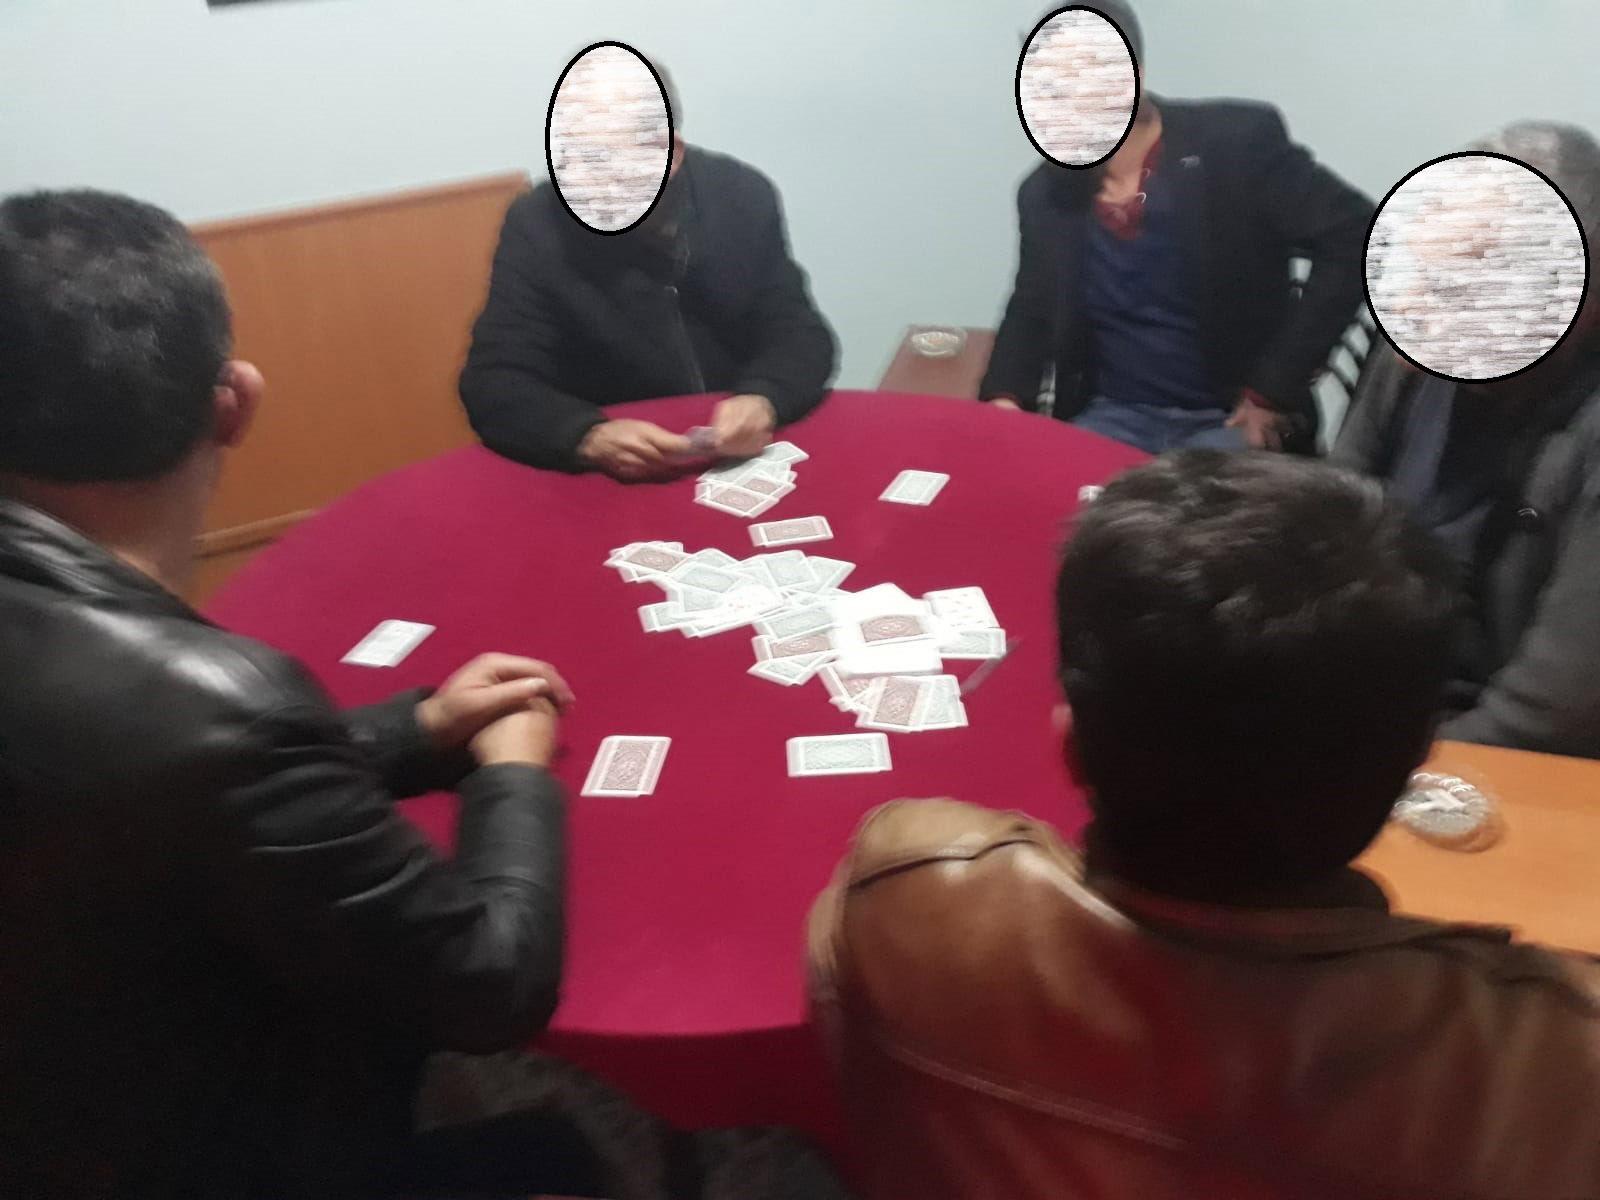 Kahvehaneye çevrilen dairede kumar oynayanlara 'koronavirüs' cezası kesildi